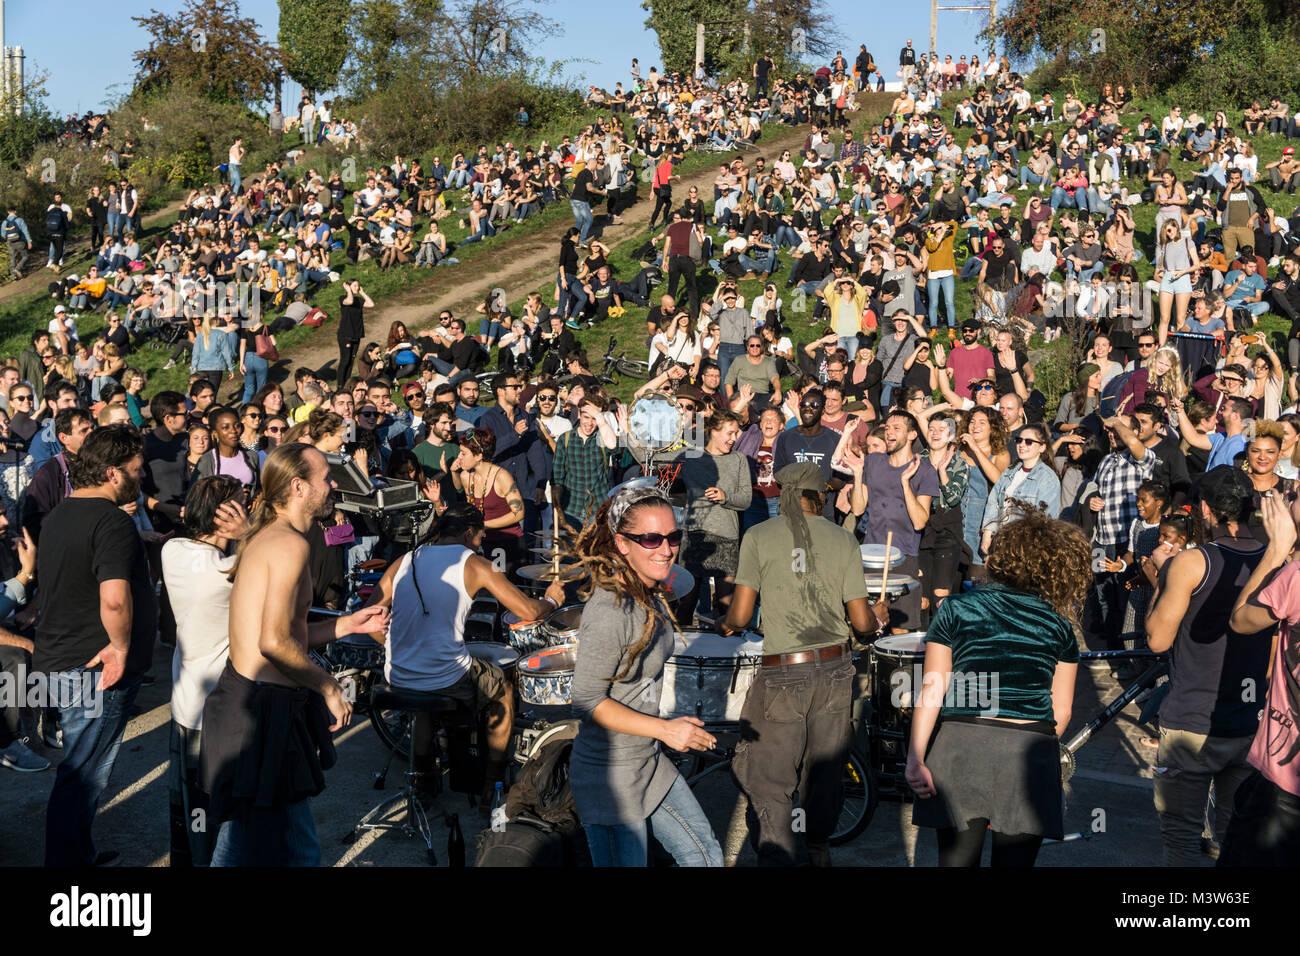 Menschen tanzen zu Drum Session, Mauerpark, Prenzlauer Berg, Berlin     Mauerpark, Prenzlauer Berg, Berlin  crowd - Stock Image